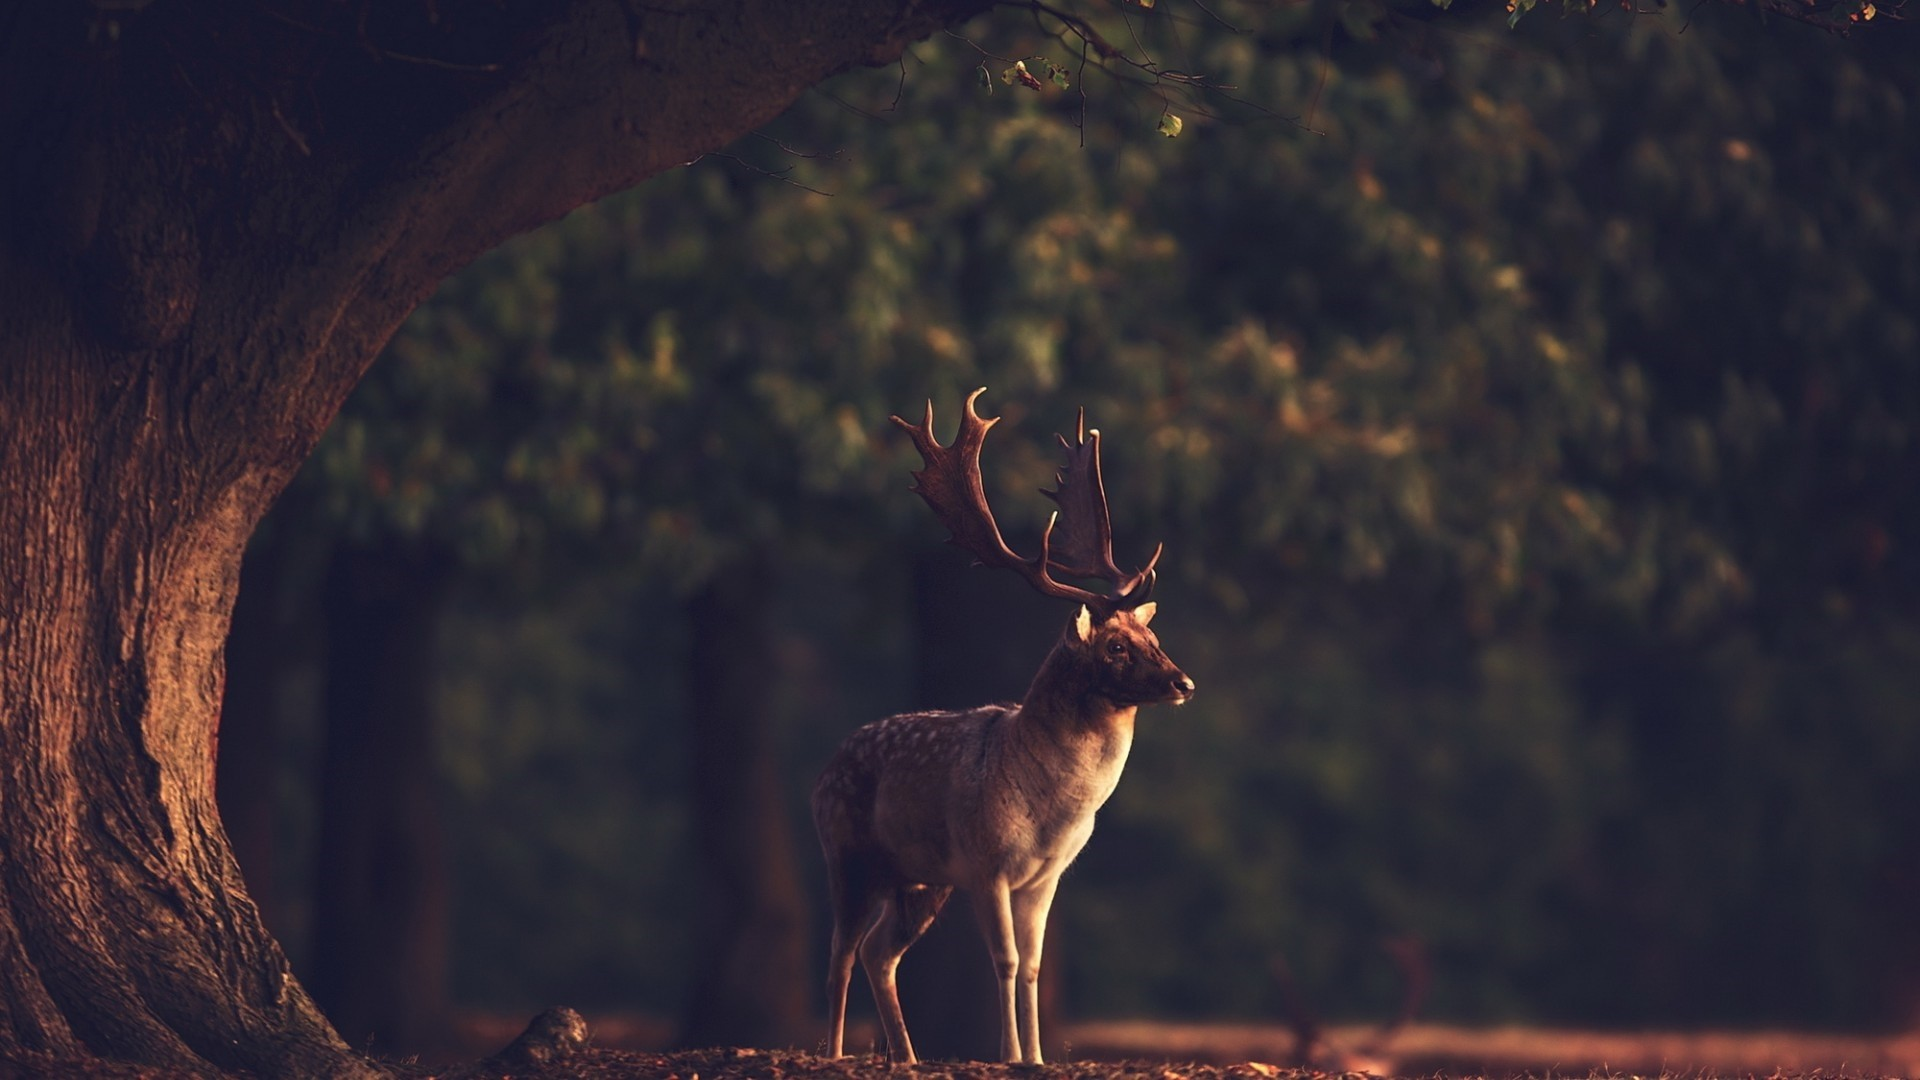 Deer wallpaper